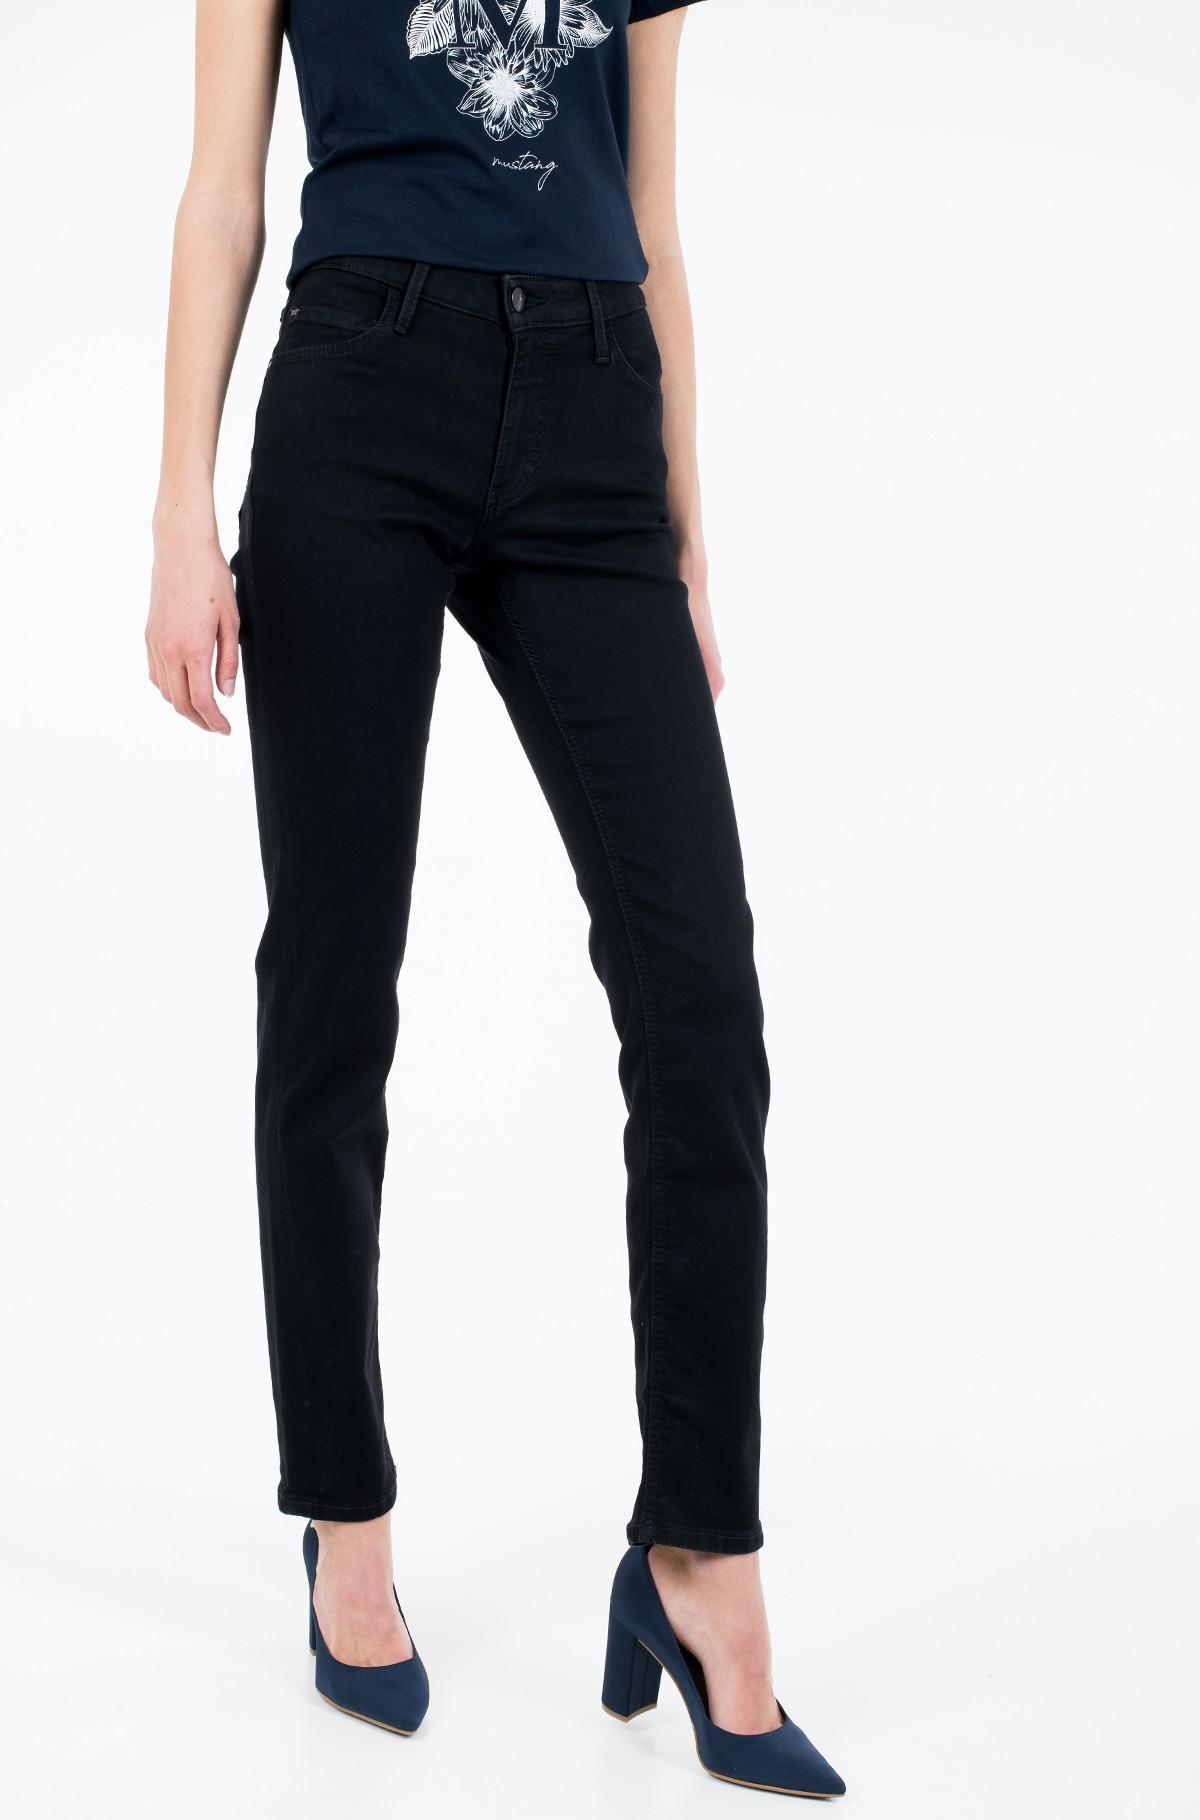 Džinsinės kelnės 530-5575-full-1